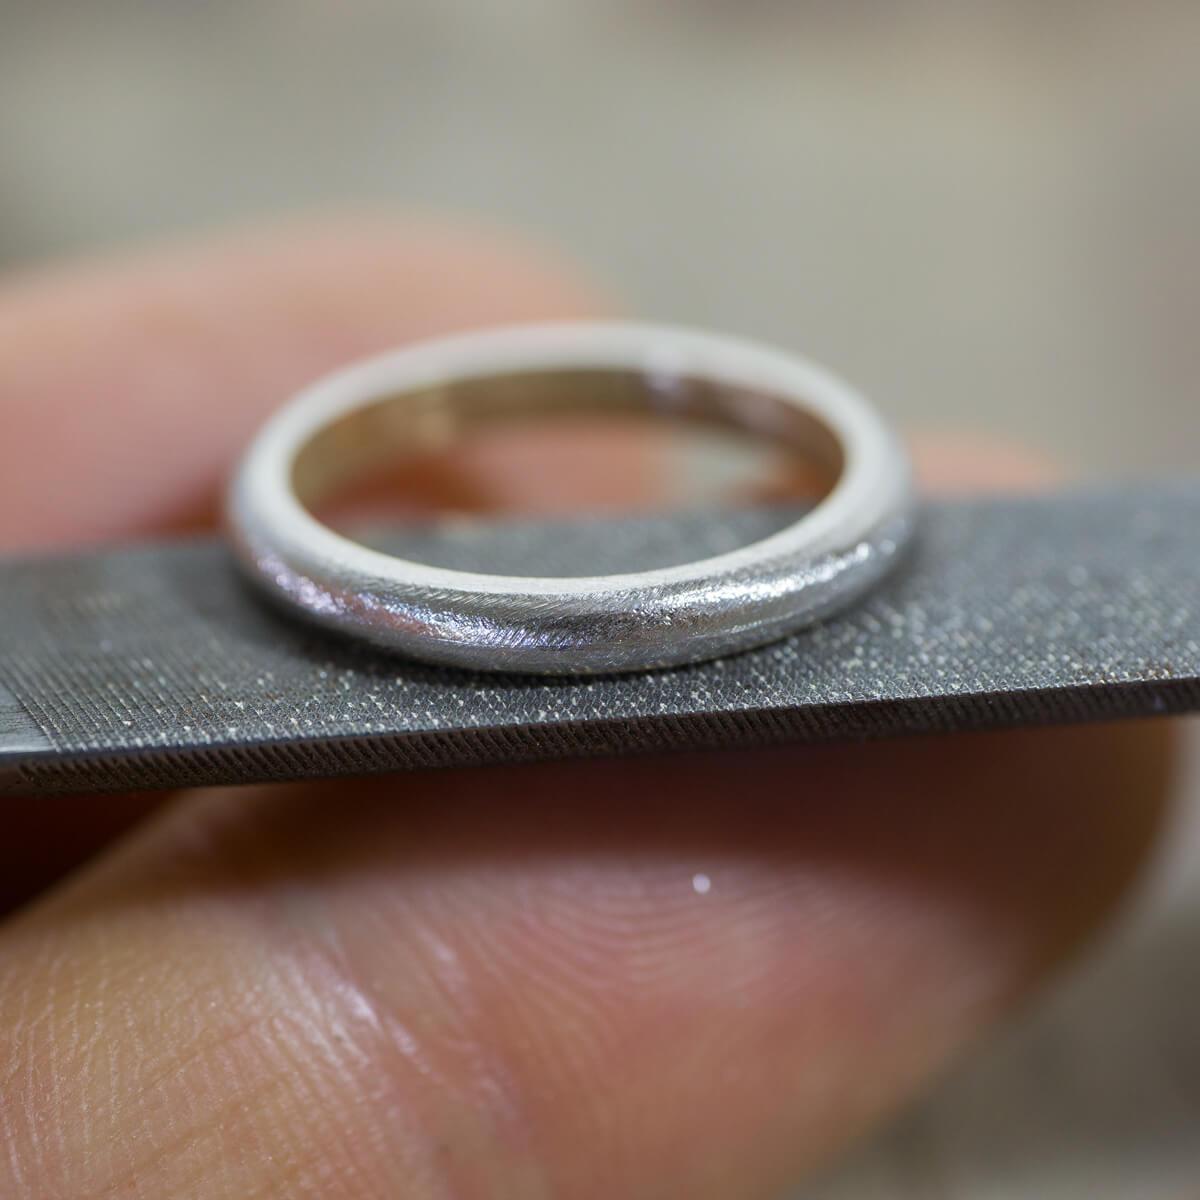 角度2 オーダーメイド結婚指輪の制作風景 ジュエリーのアトリエ  プラチナ、ゴールドのリング 屋久島でつくる結婚指輪